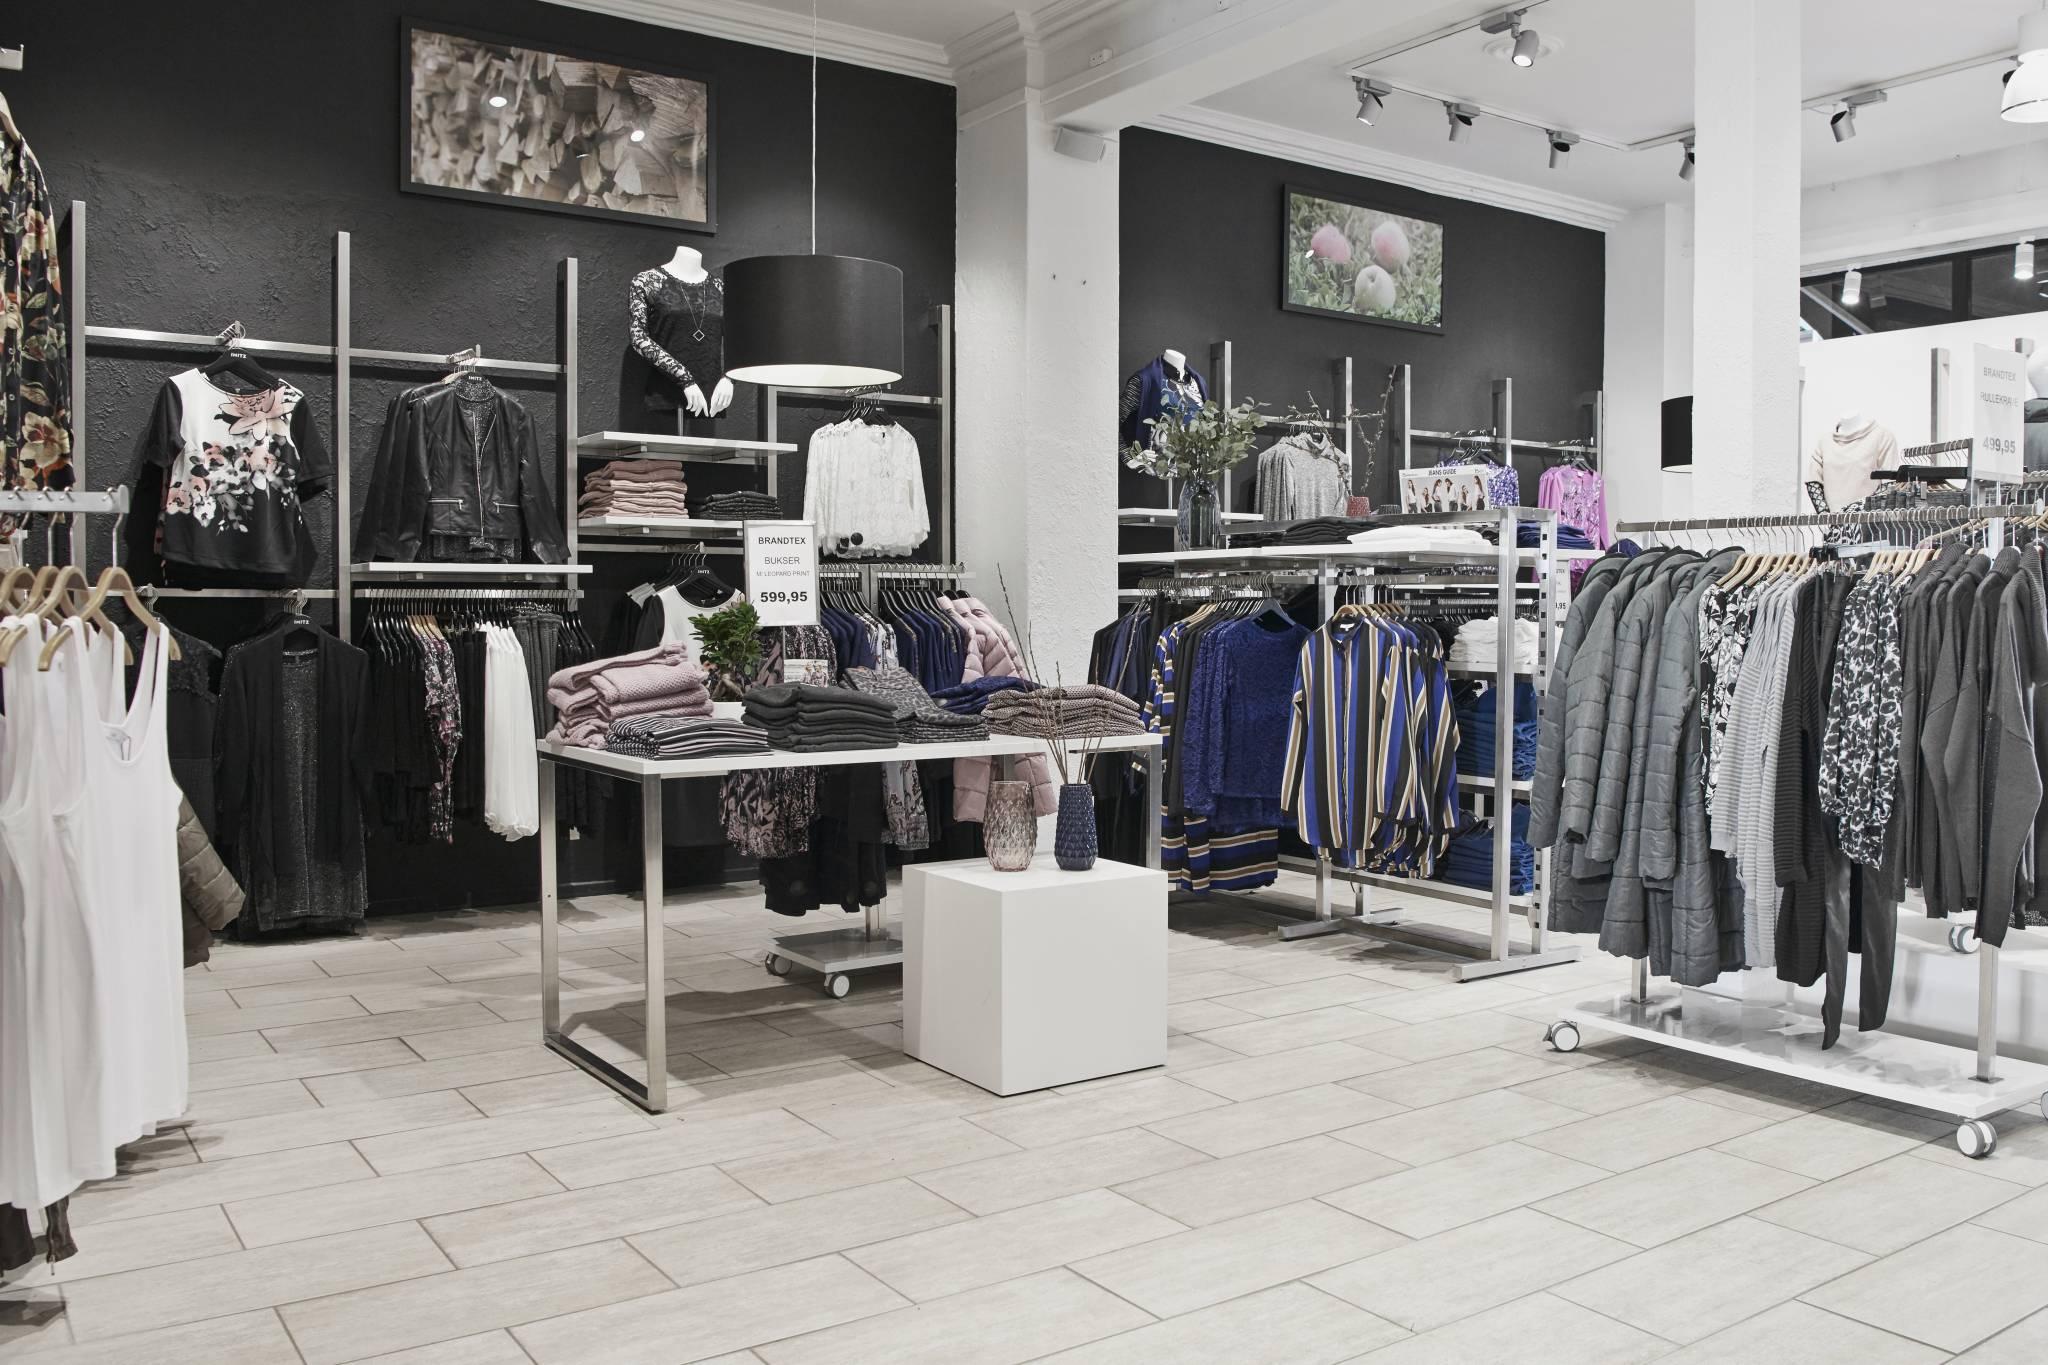 Billig butiksindretning kan bruges i flotte modebutikker